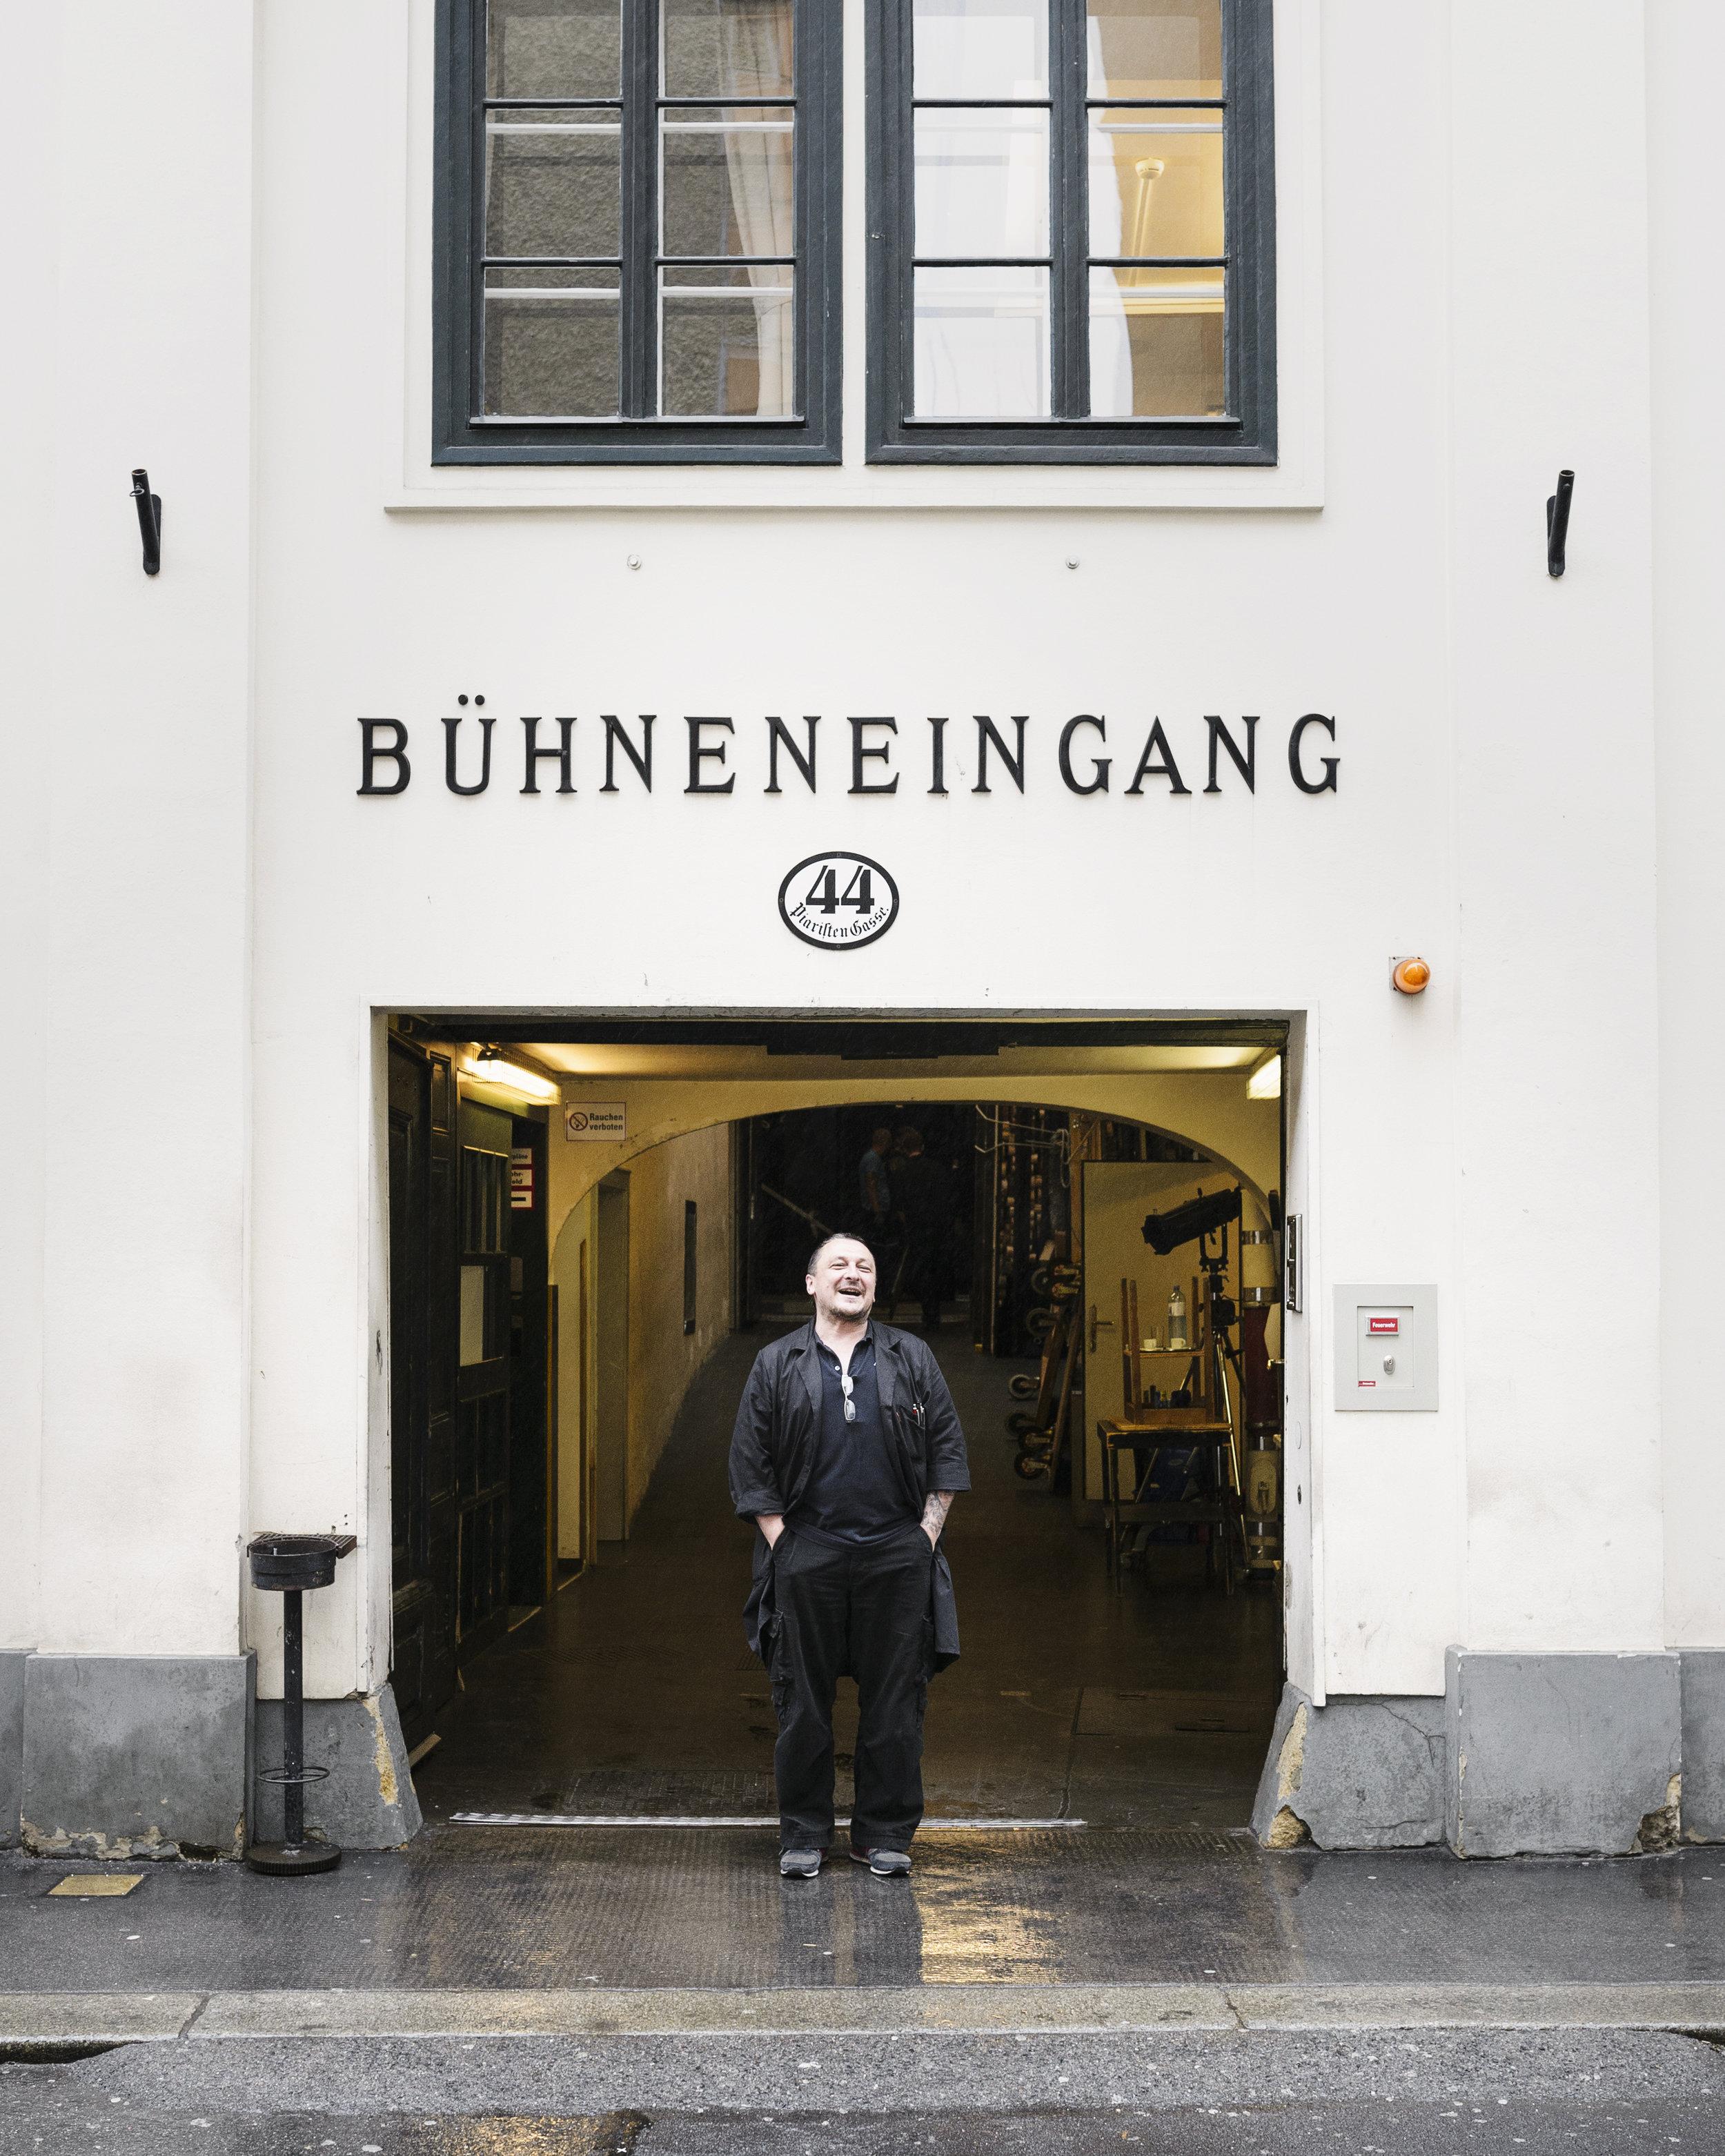 CHRISTIAN NEUBAUER / Bühnenoberbaumeister, Theater in der Josefstadt